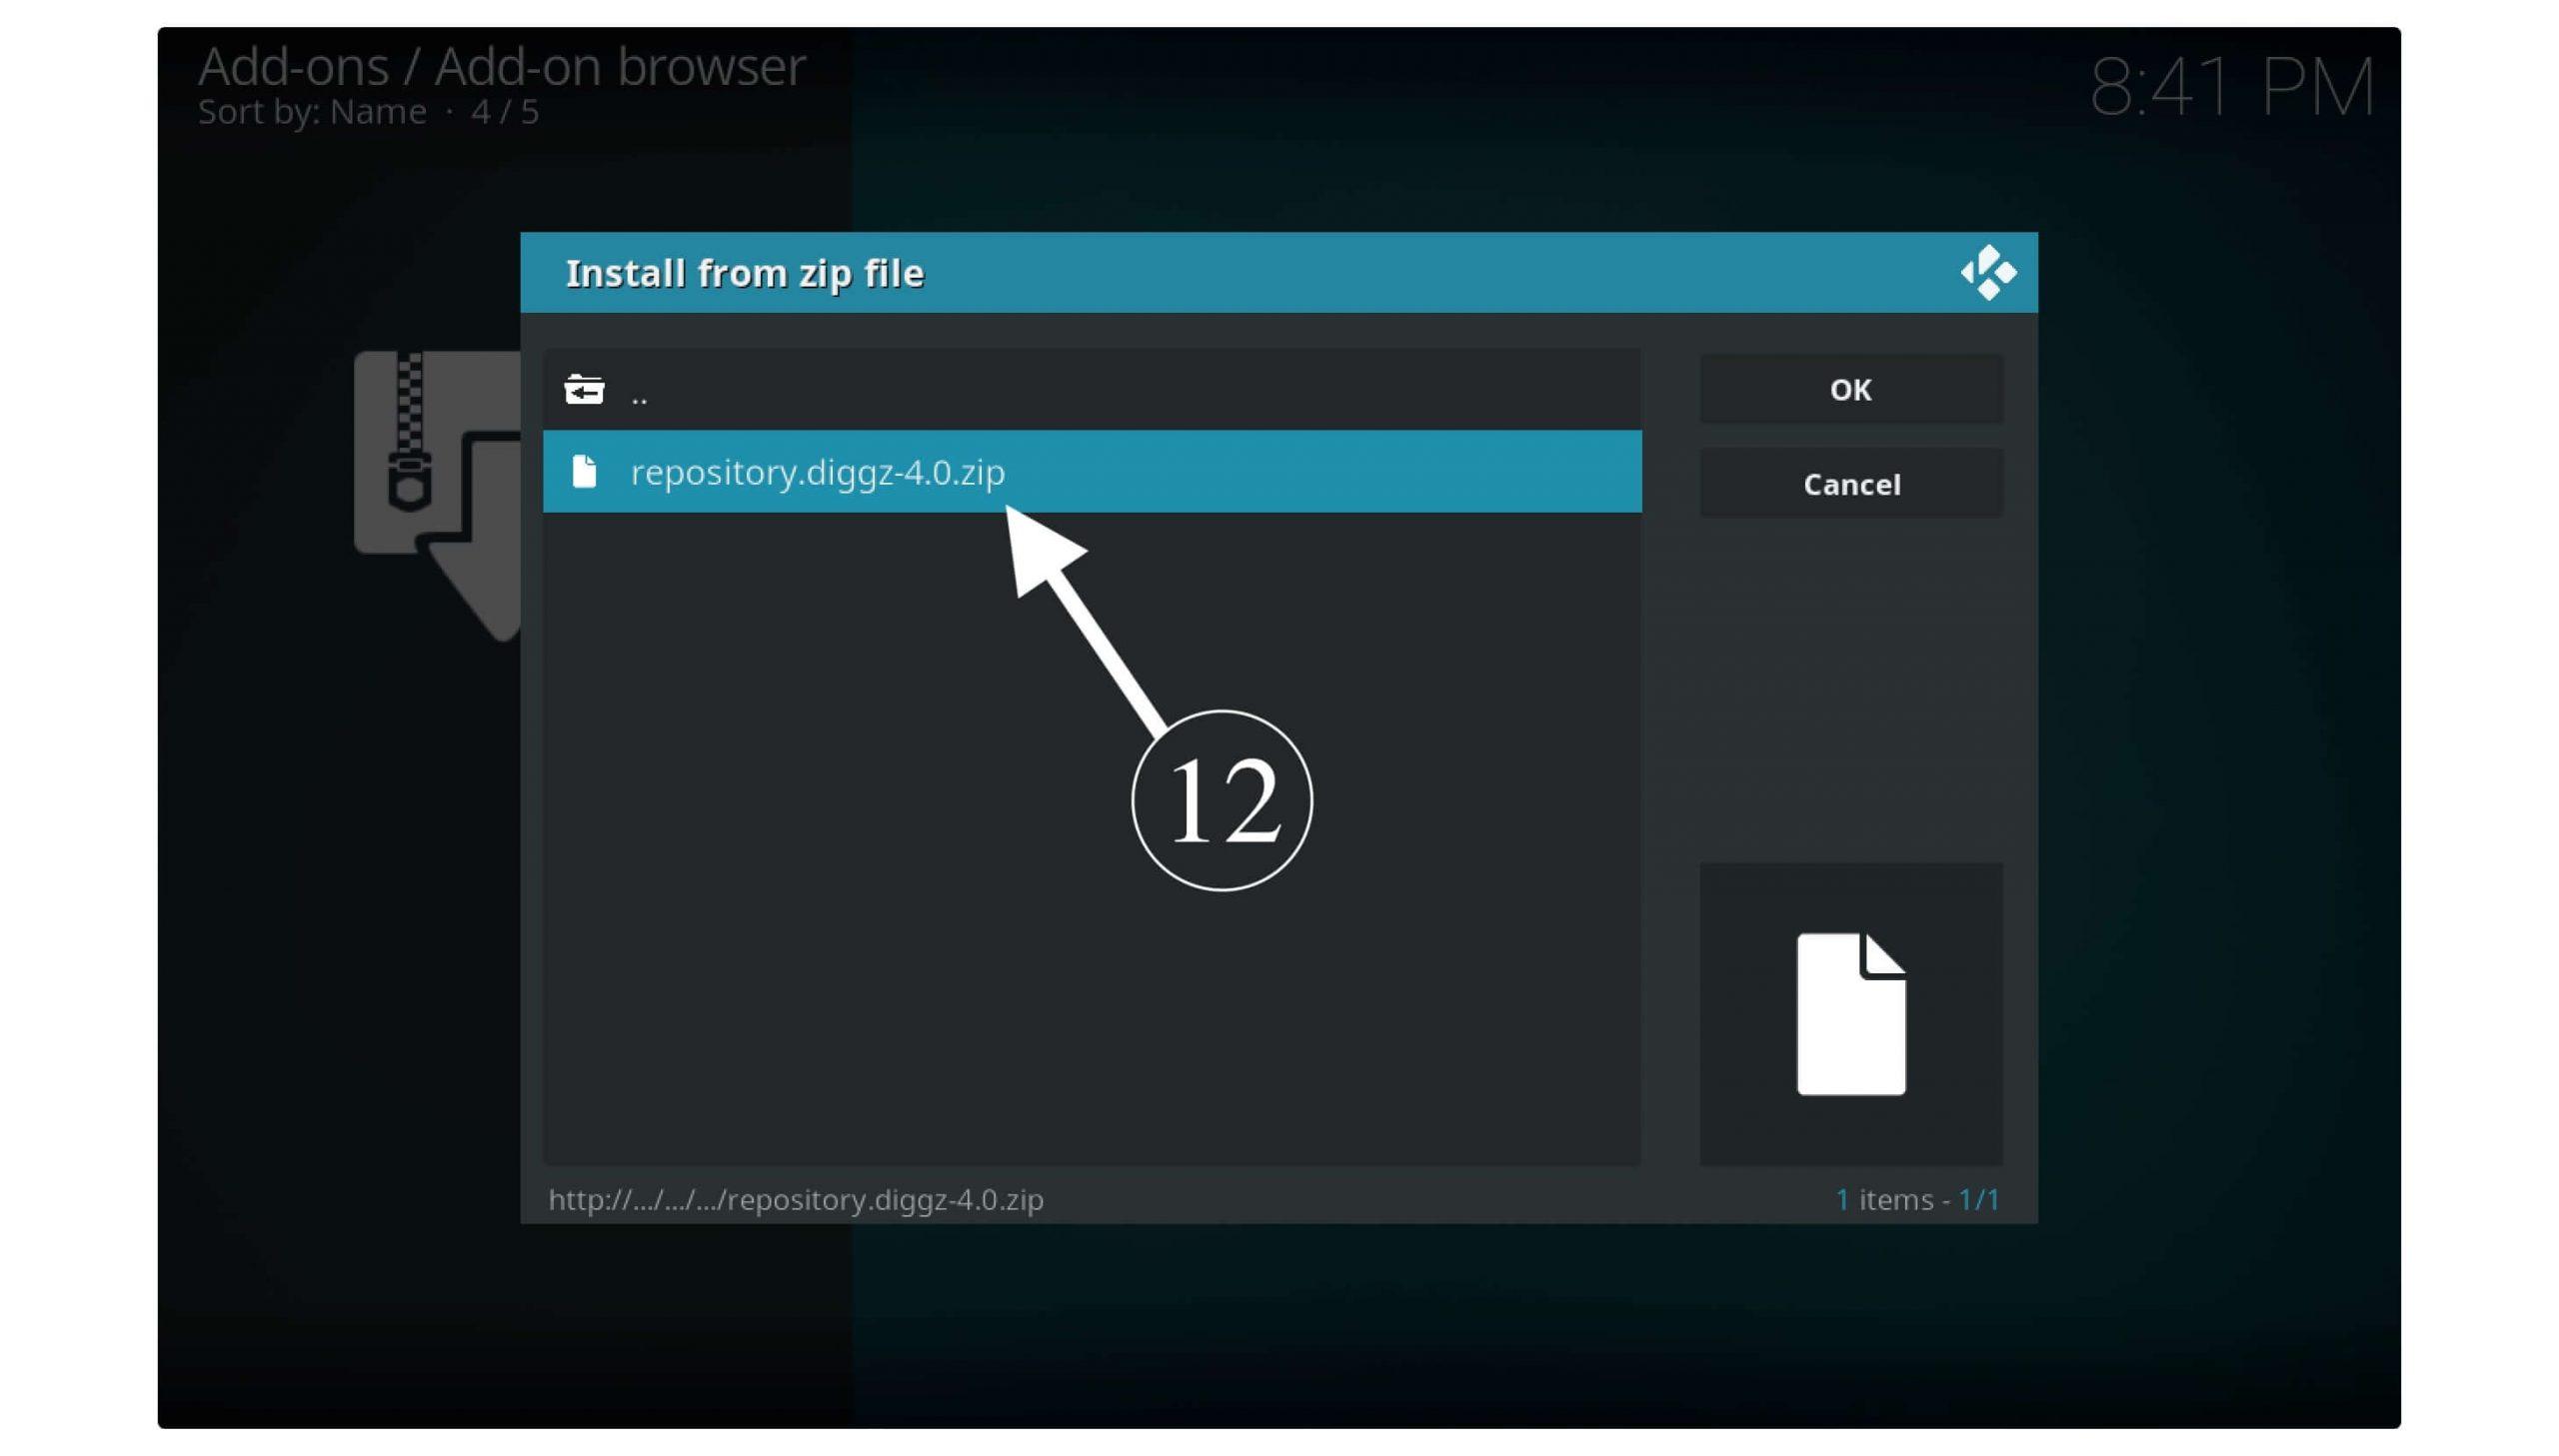 Installation-Guide-On-Diggz-Xenon-Build-On-Kodi